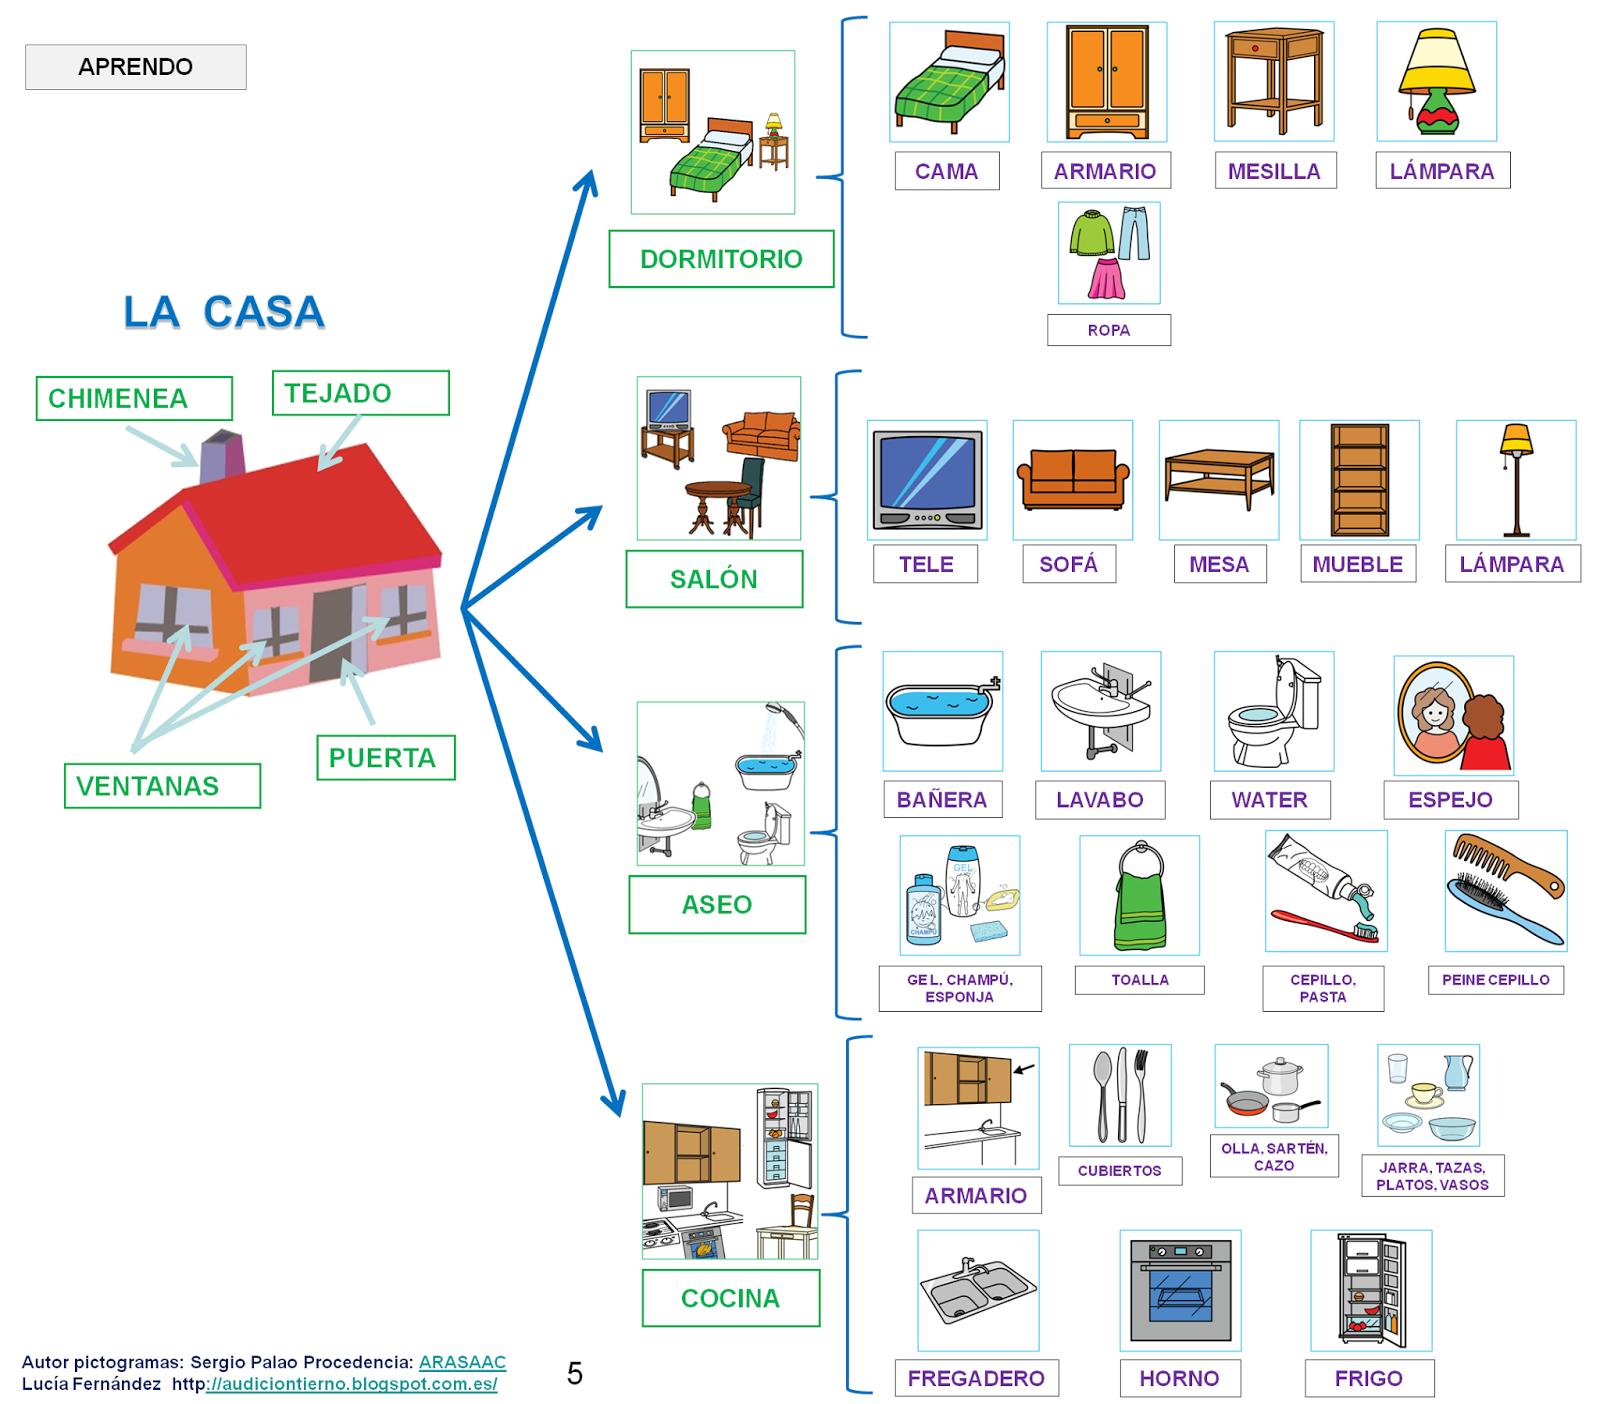 Audicion Y Lenguaje Proyecto Donde Vivo Calle Casa Localidad Tipos De Pueblos Y Poblacion Aula De Espanol Planes De Lecciones De Espanol Mapa Conceptual